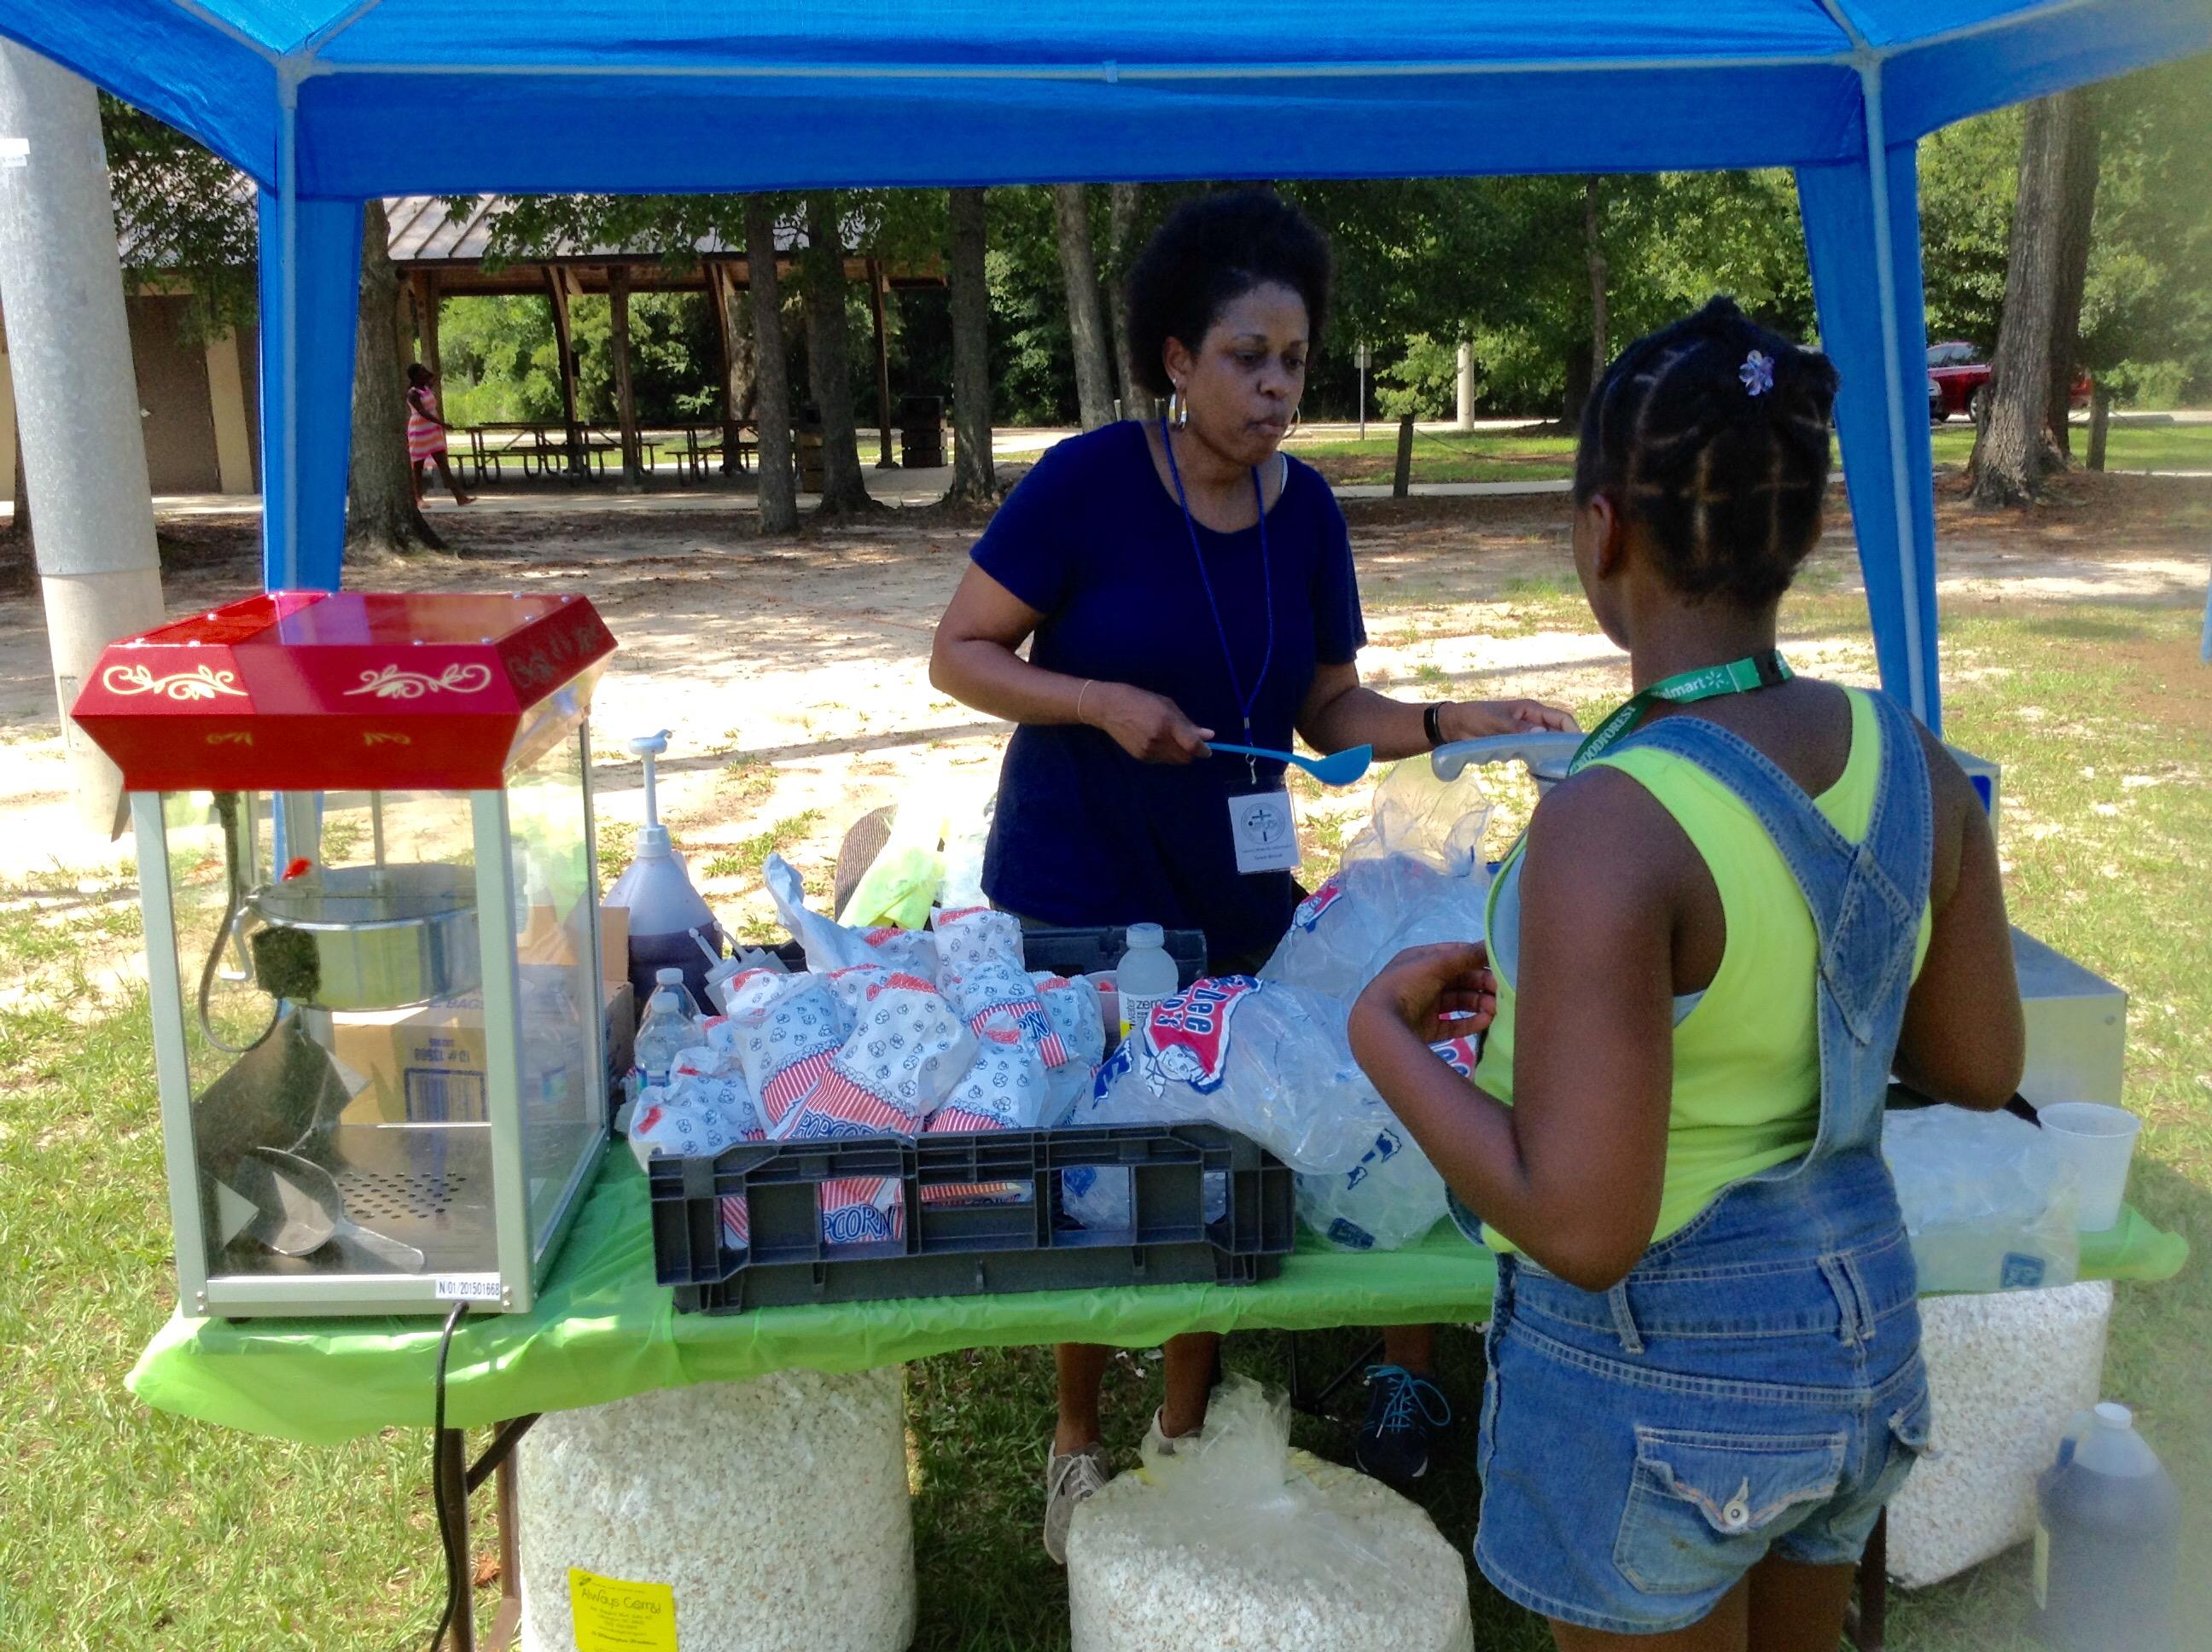 Lola Reid serving Ice Cones